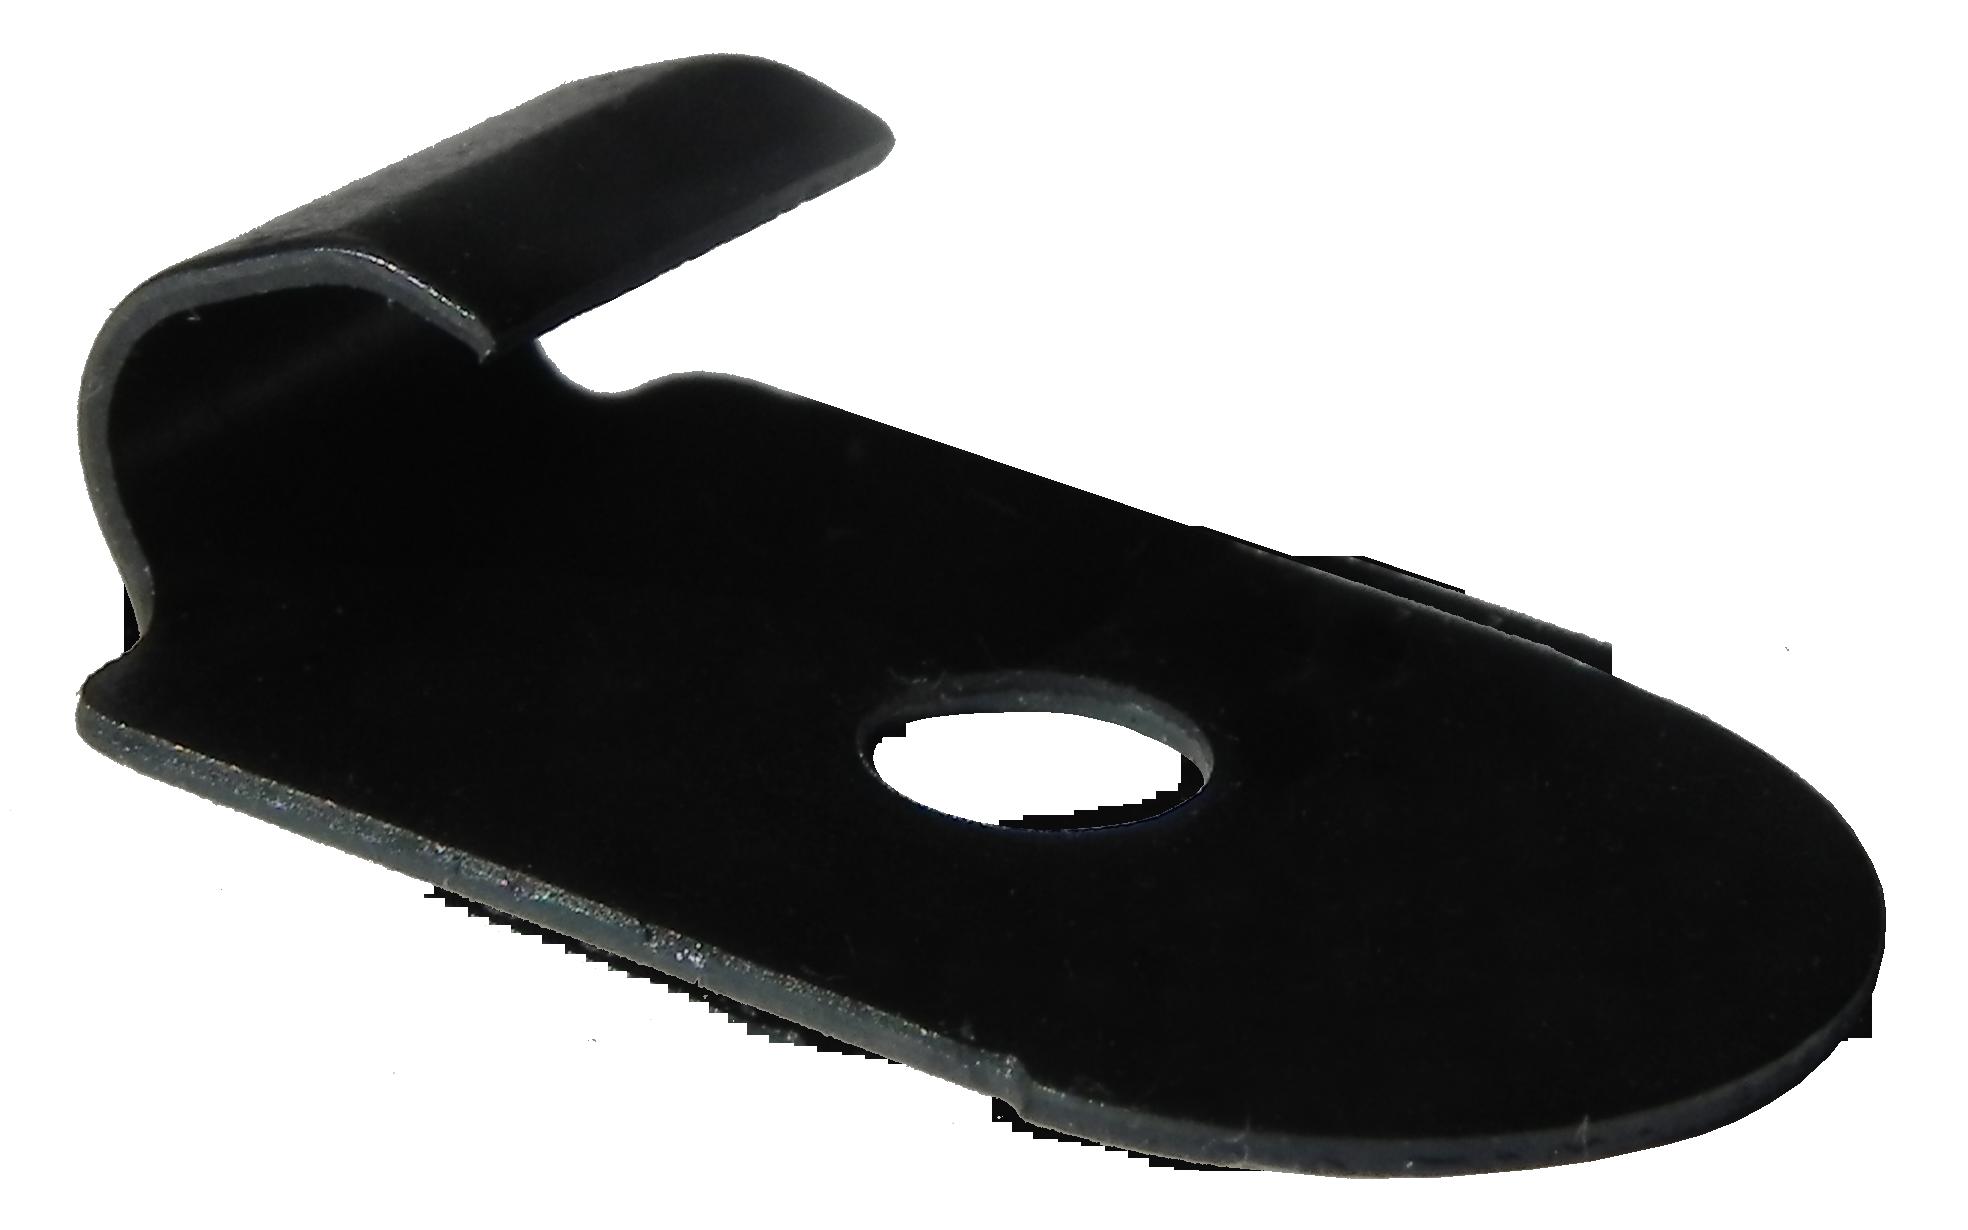 Steel Parts Black Clip